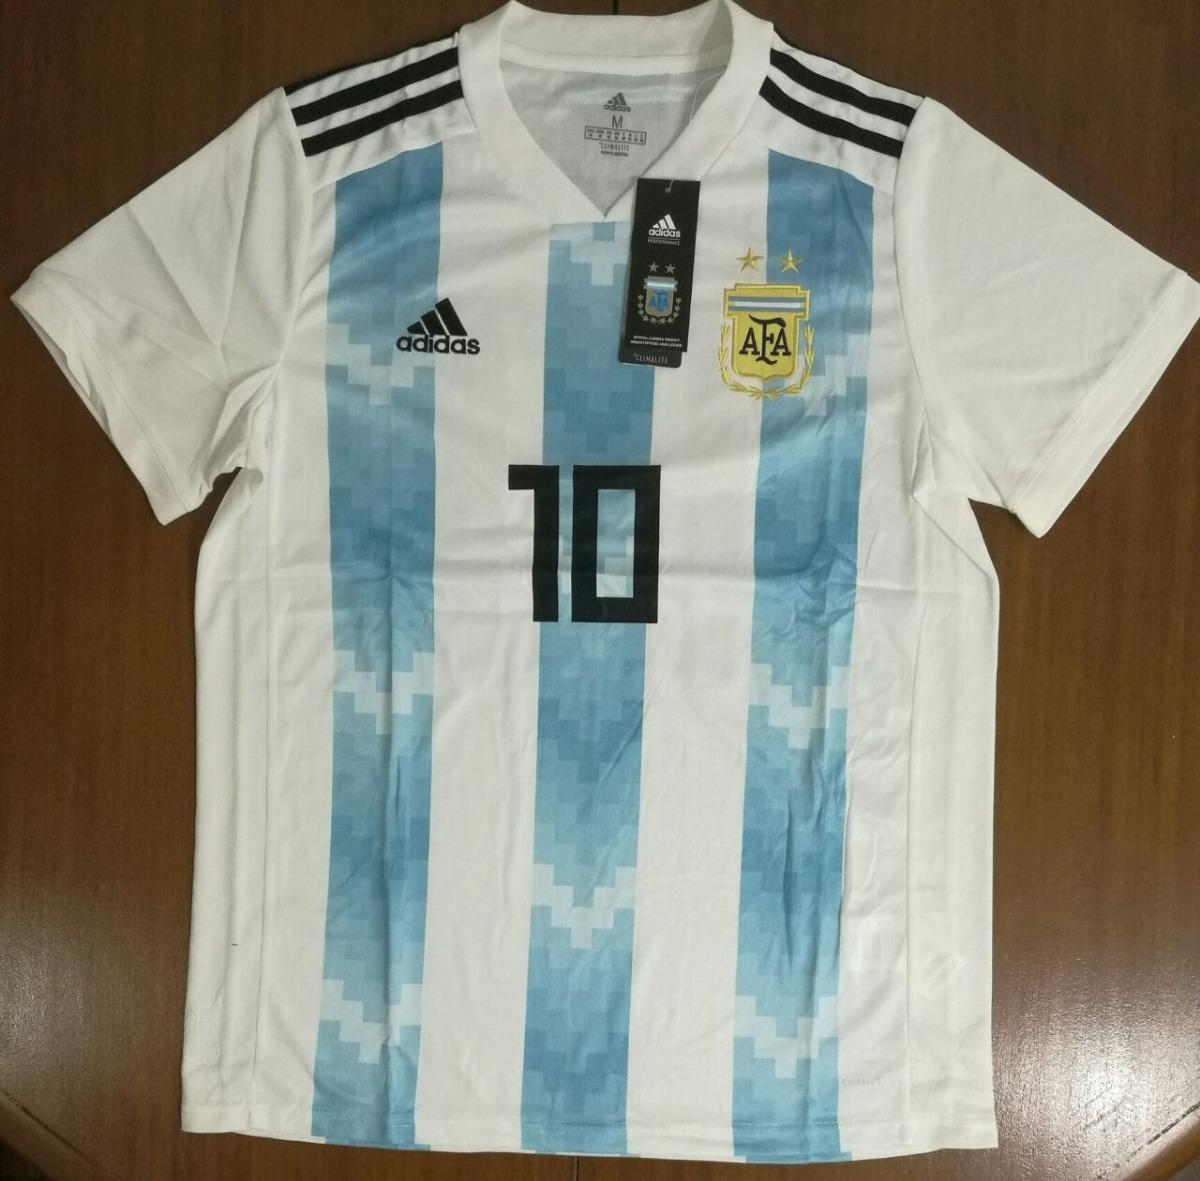 199488d9b60 camiseta argentina 2018 adidas oficial mundial personalizada. Cargando zoom.